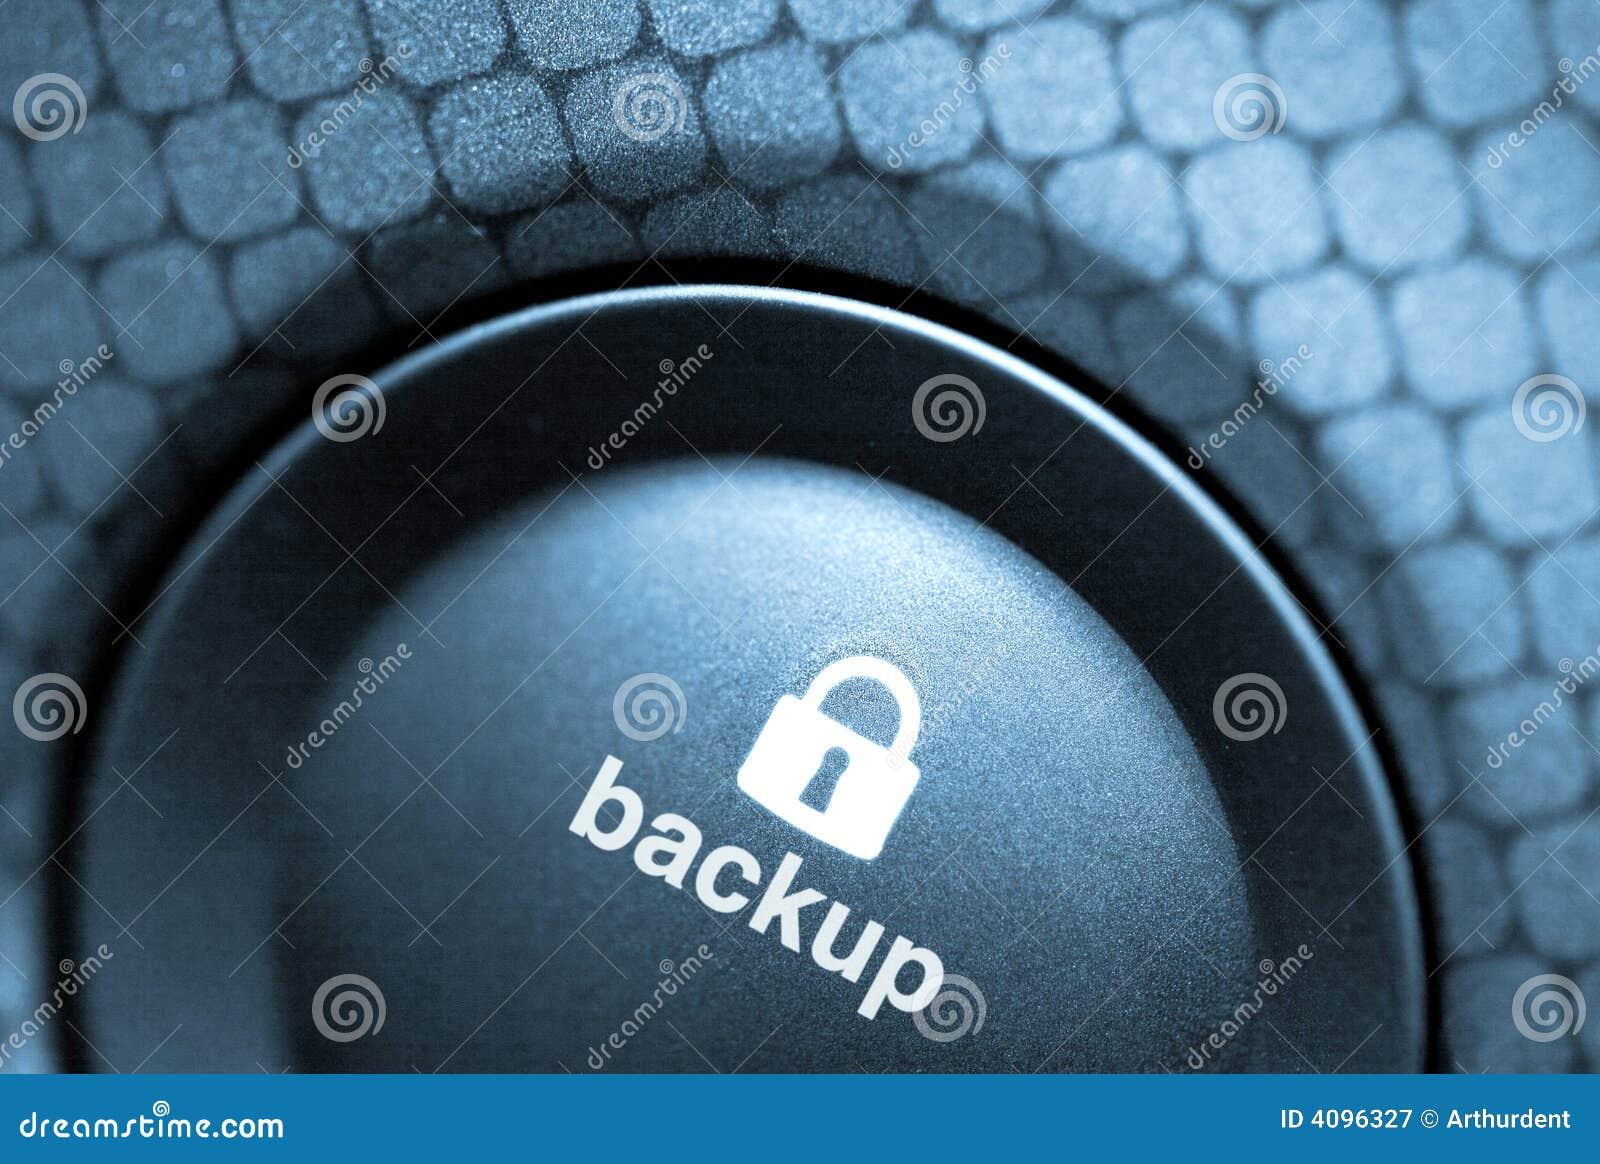 Salvaguardia-botón